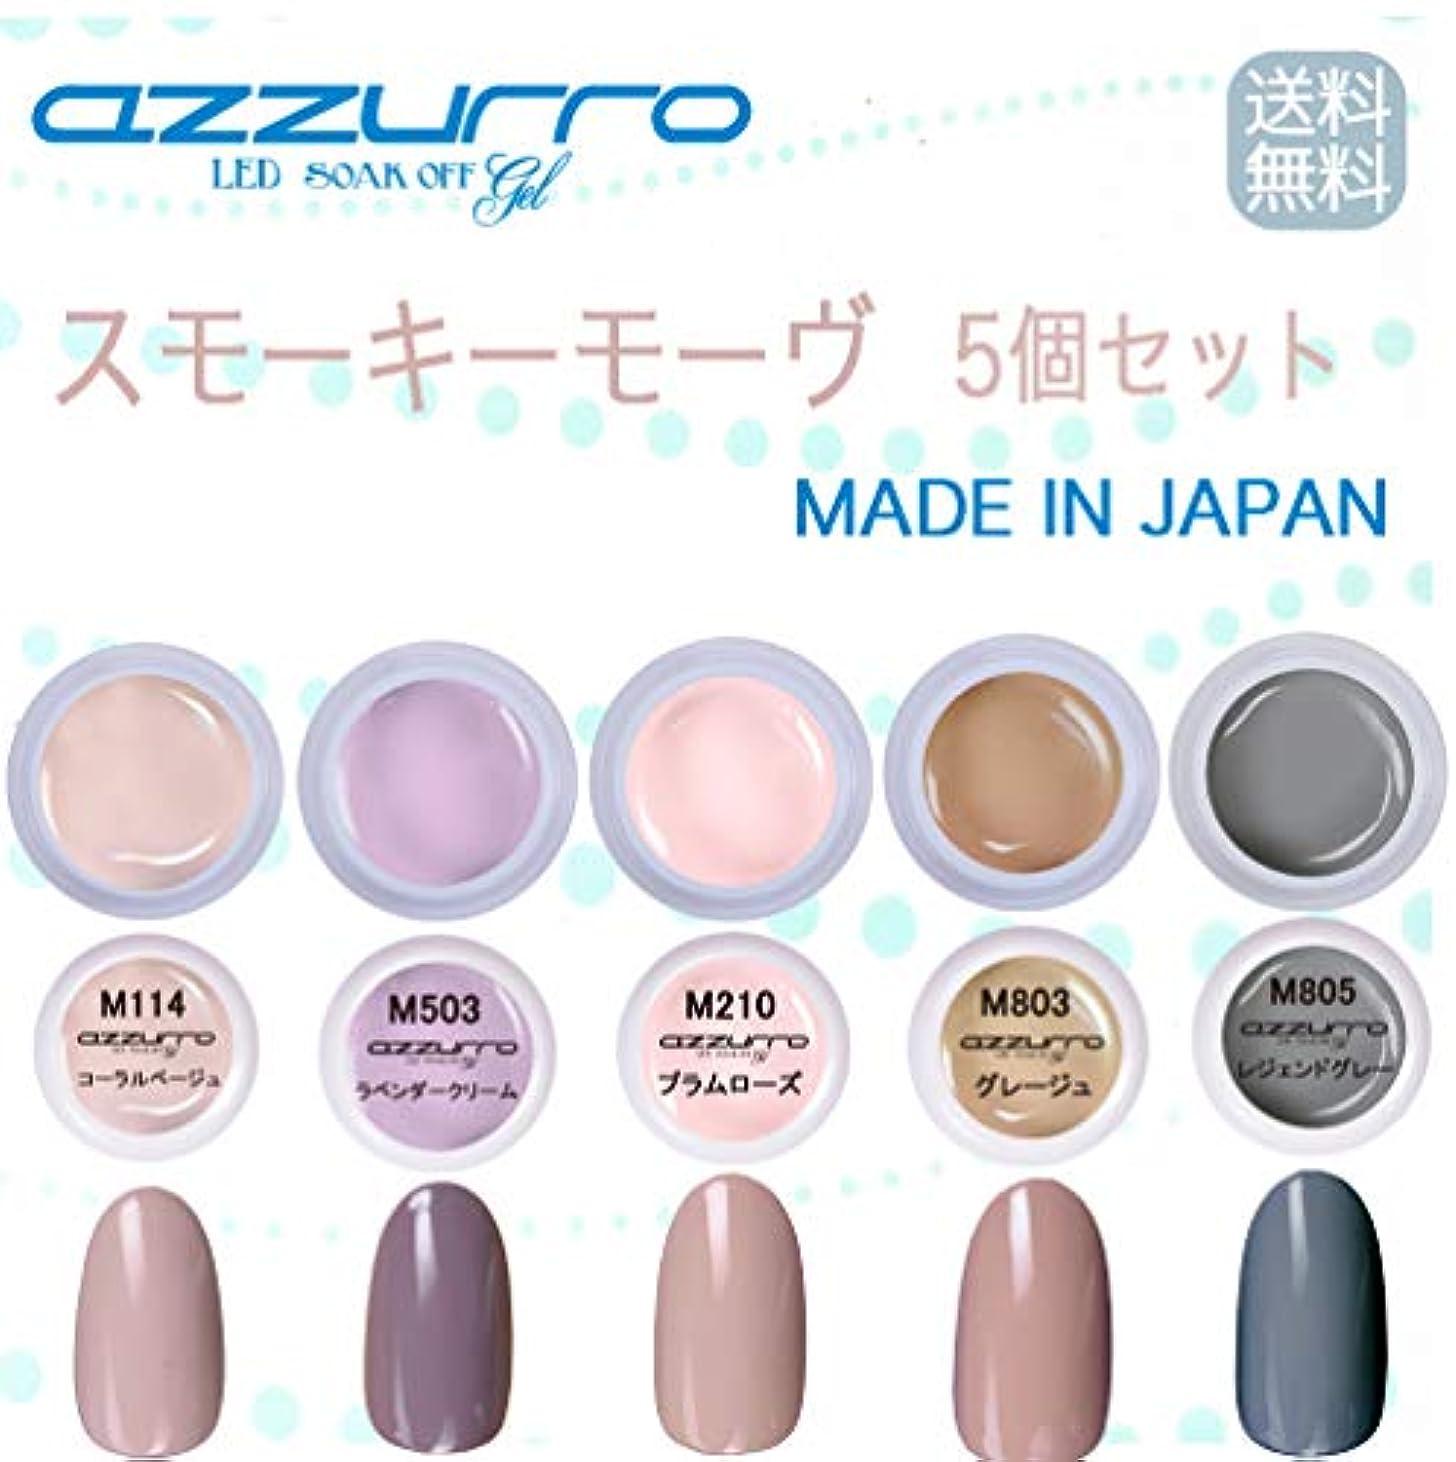 視聴者興味信条【送料無料】日本製 azzurro gel スモーキーモーヴカラージェル5個セット 春色にもかかせないとスモーキーなモーヴカラー